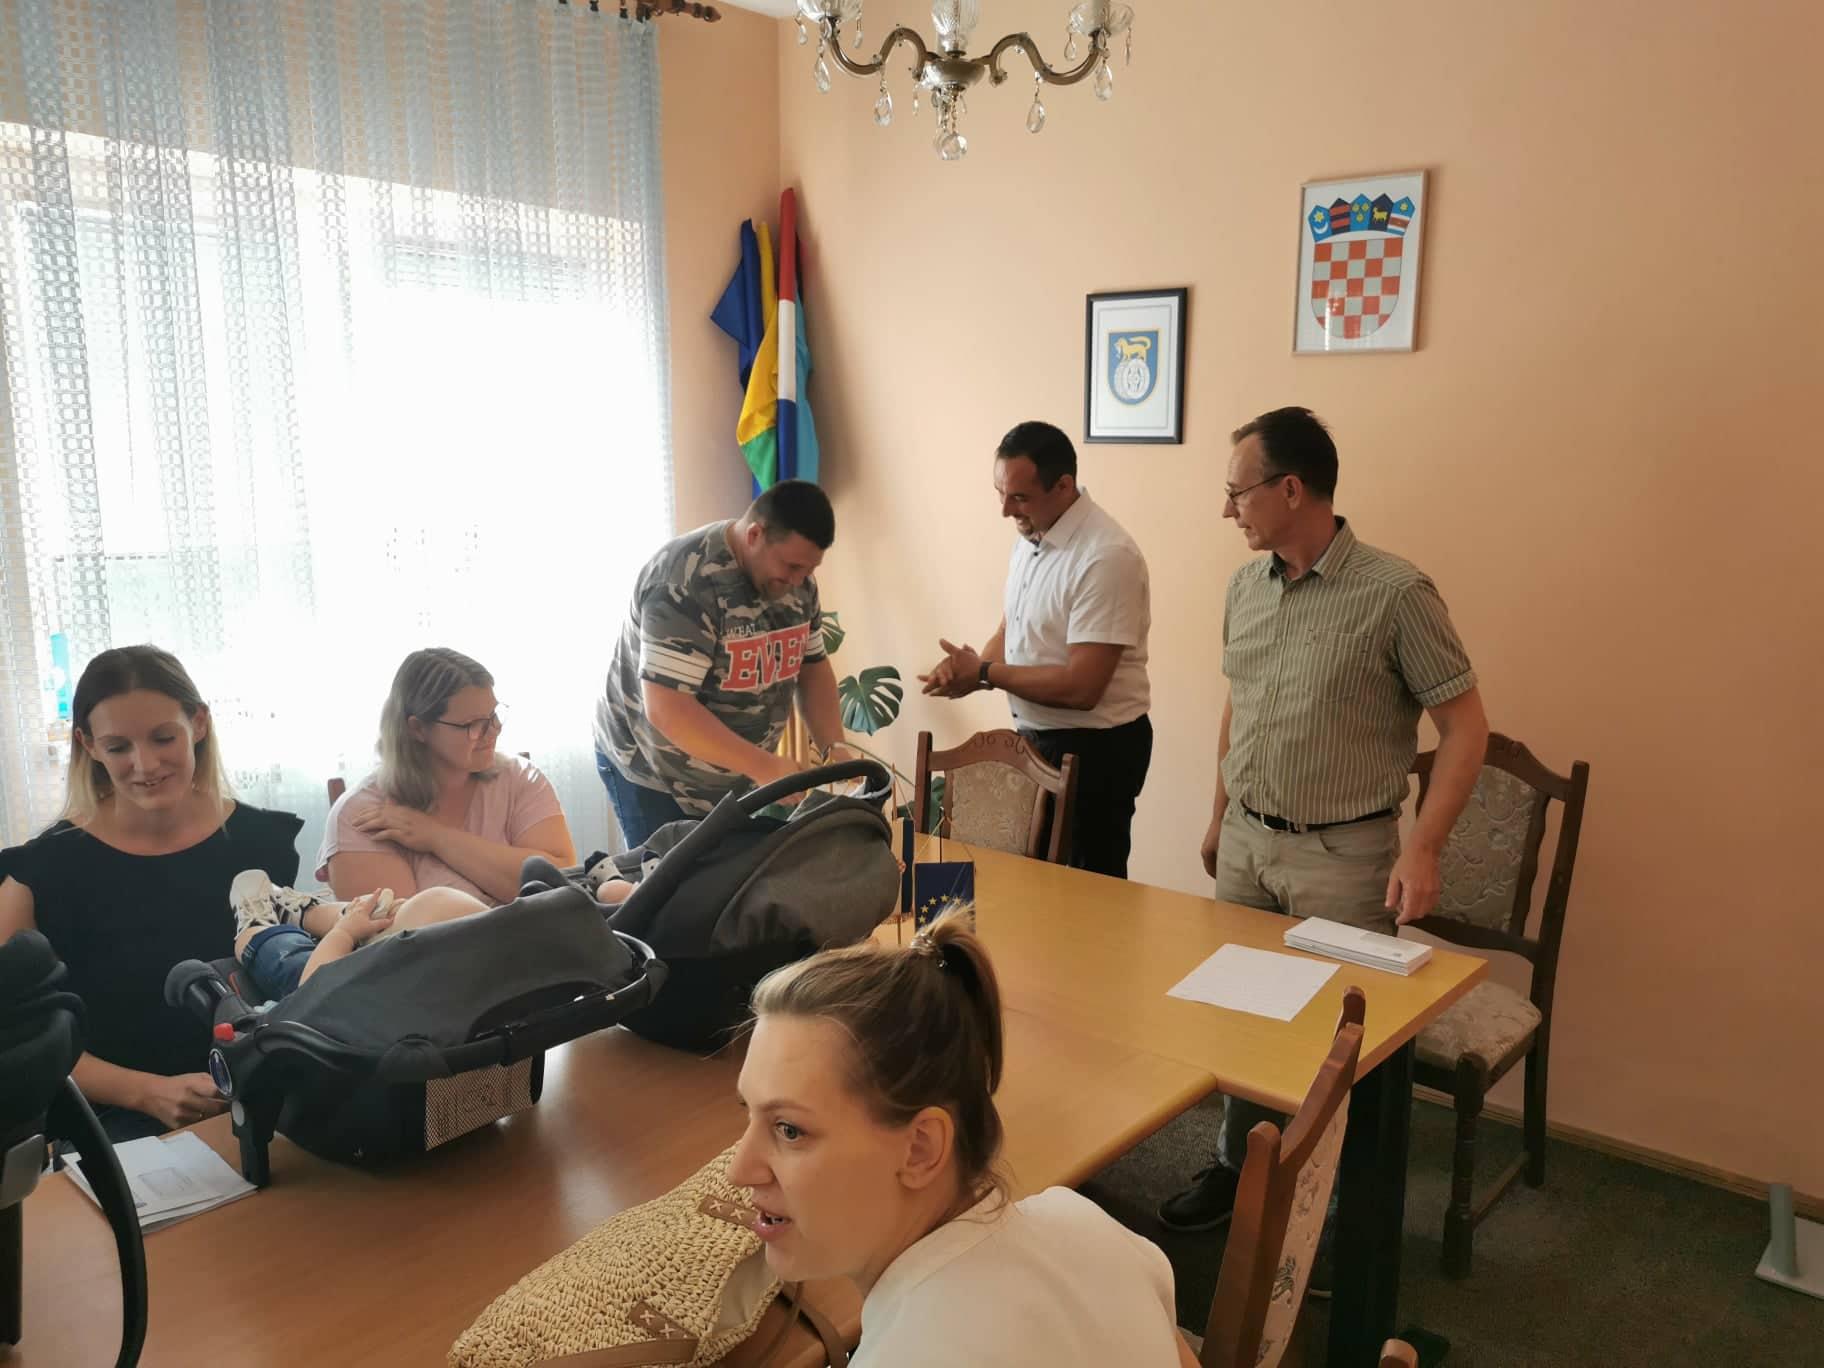 ODLIČNE VIJESTI Jaslička grupa u vrtiću i starački dom u prioritetnom su planu